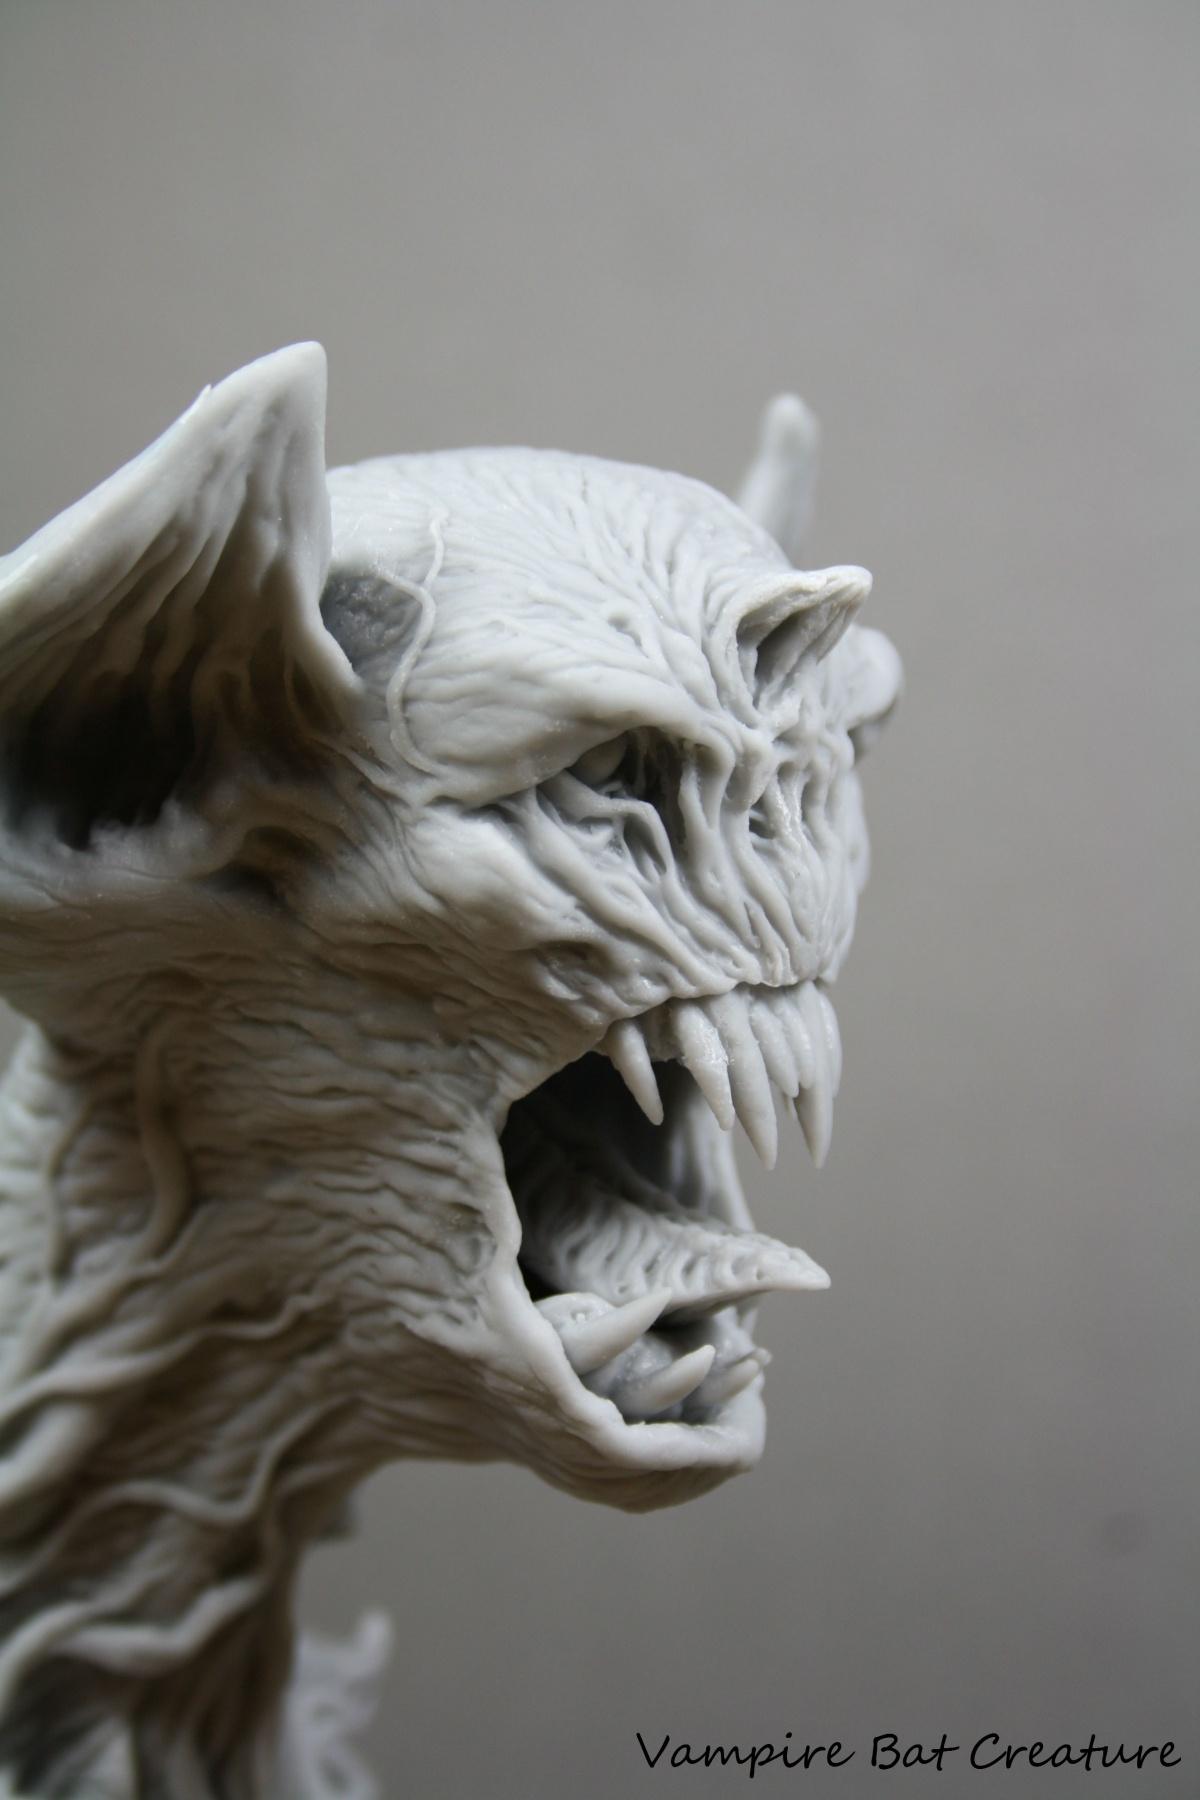 Vampire Bat Creature By George Tsougkouzidis PuttyampPaint